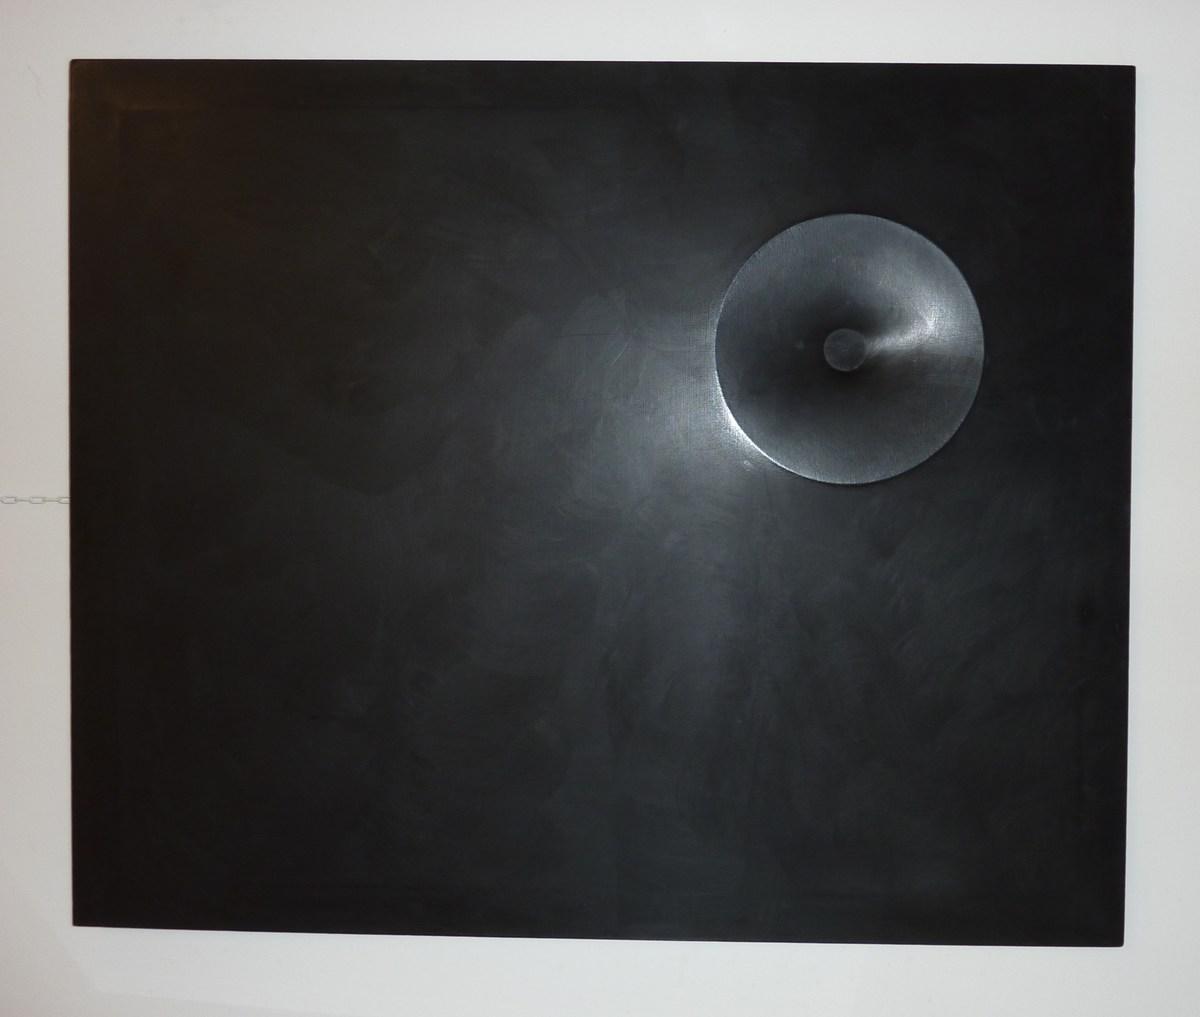 Cerchio nero